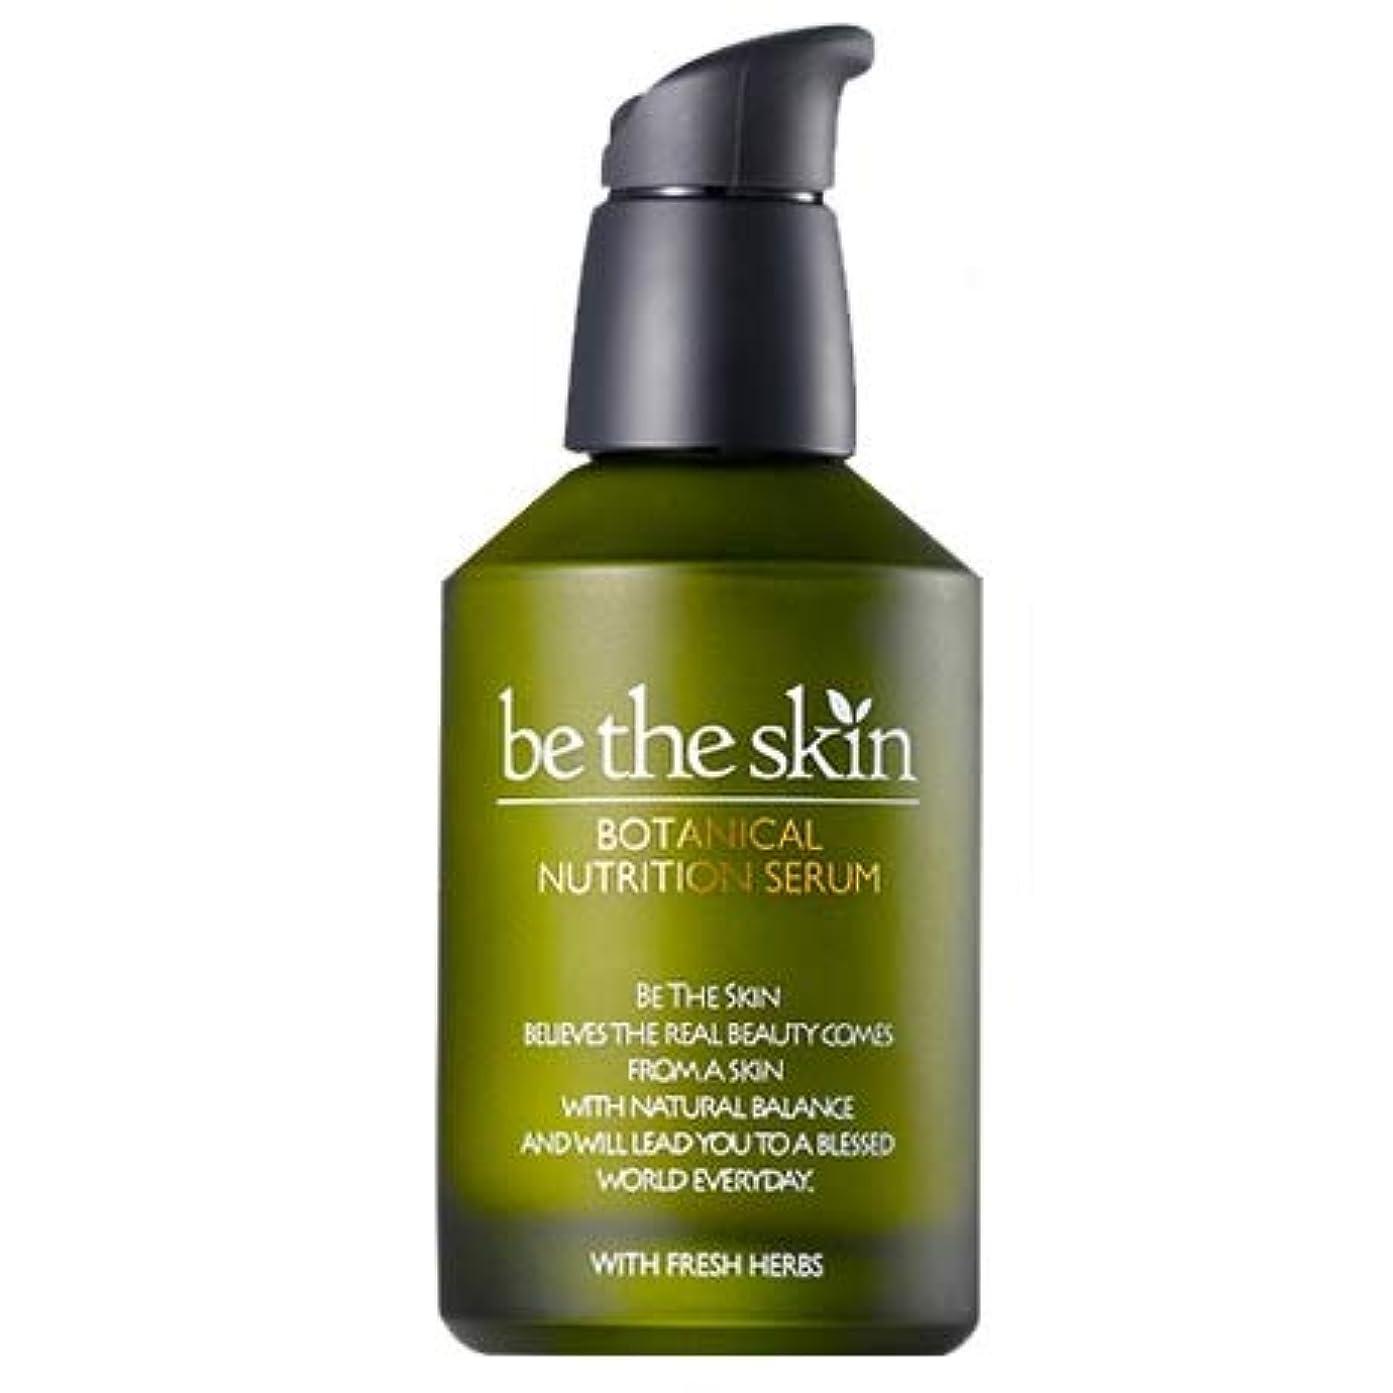 シャワー個性女性be the skin ボタニカル ニュートリション セラム / Botanical Nutrition Serum (50ml) [並行輸入品]